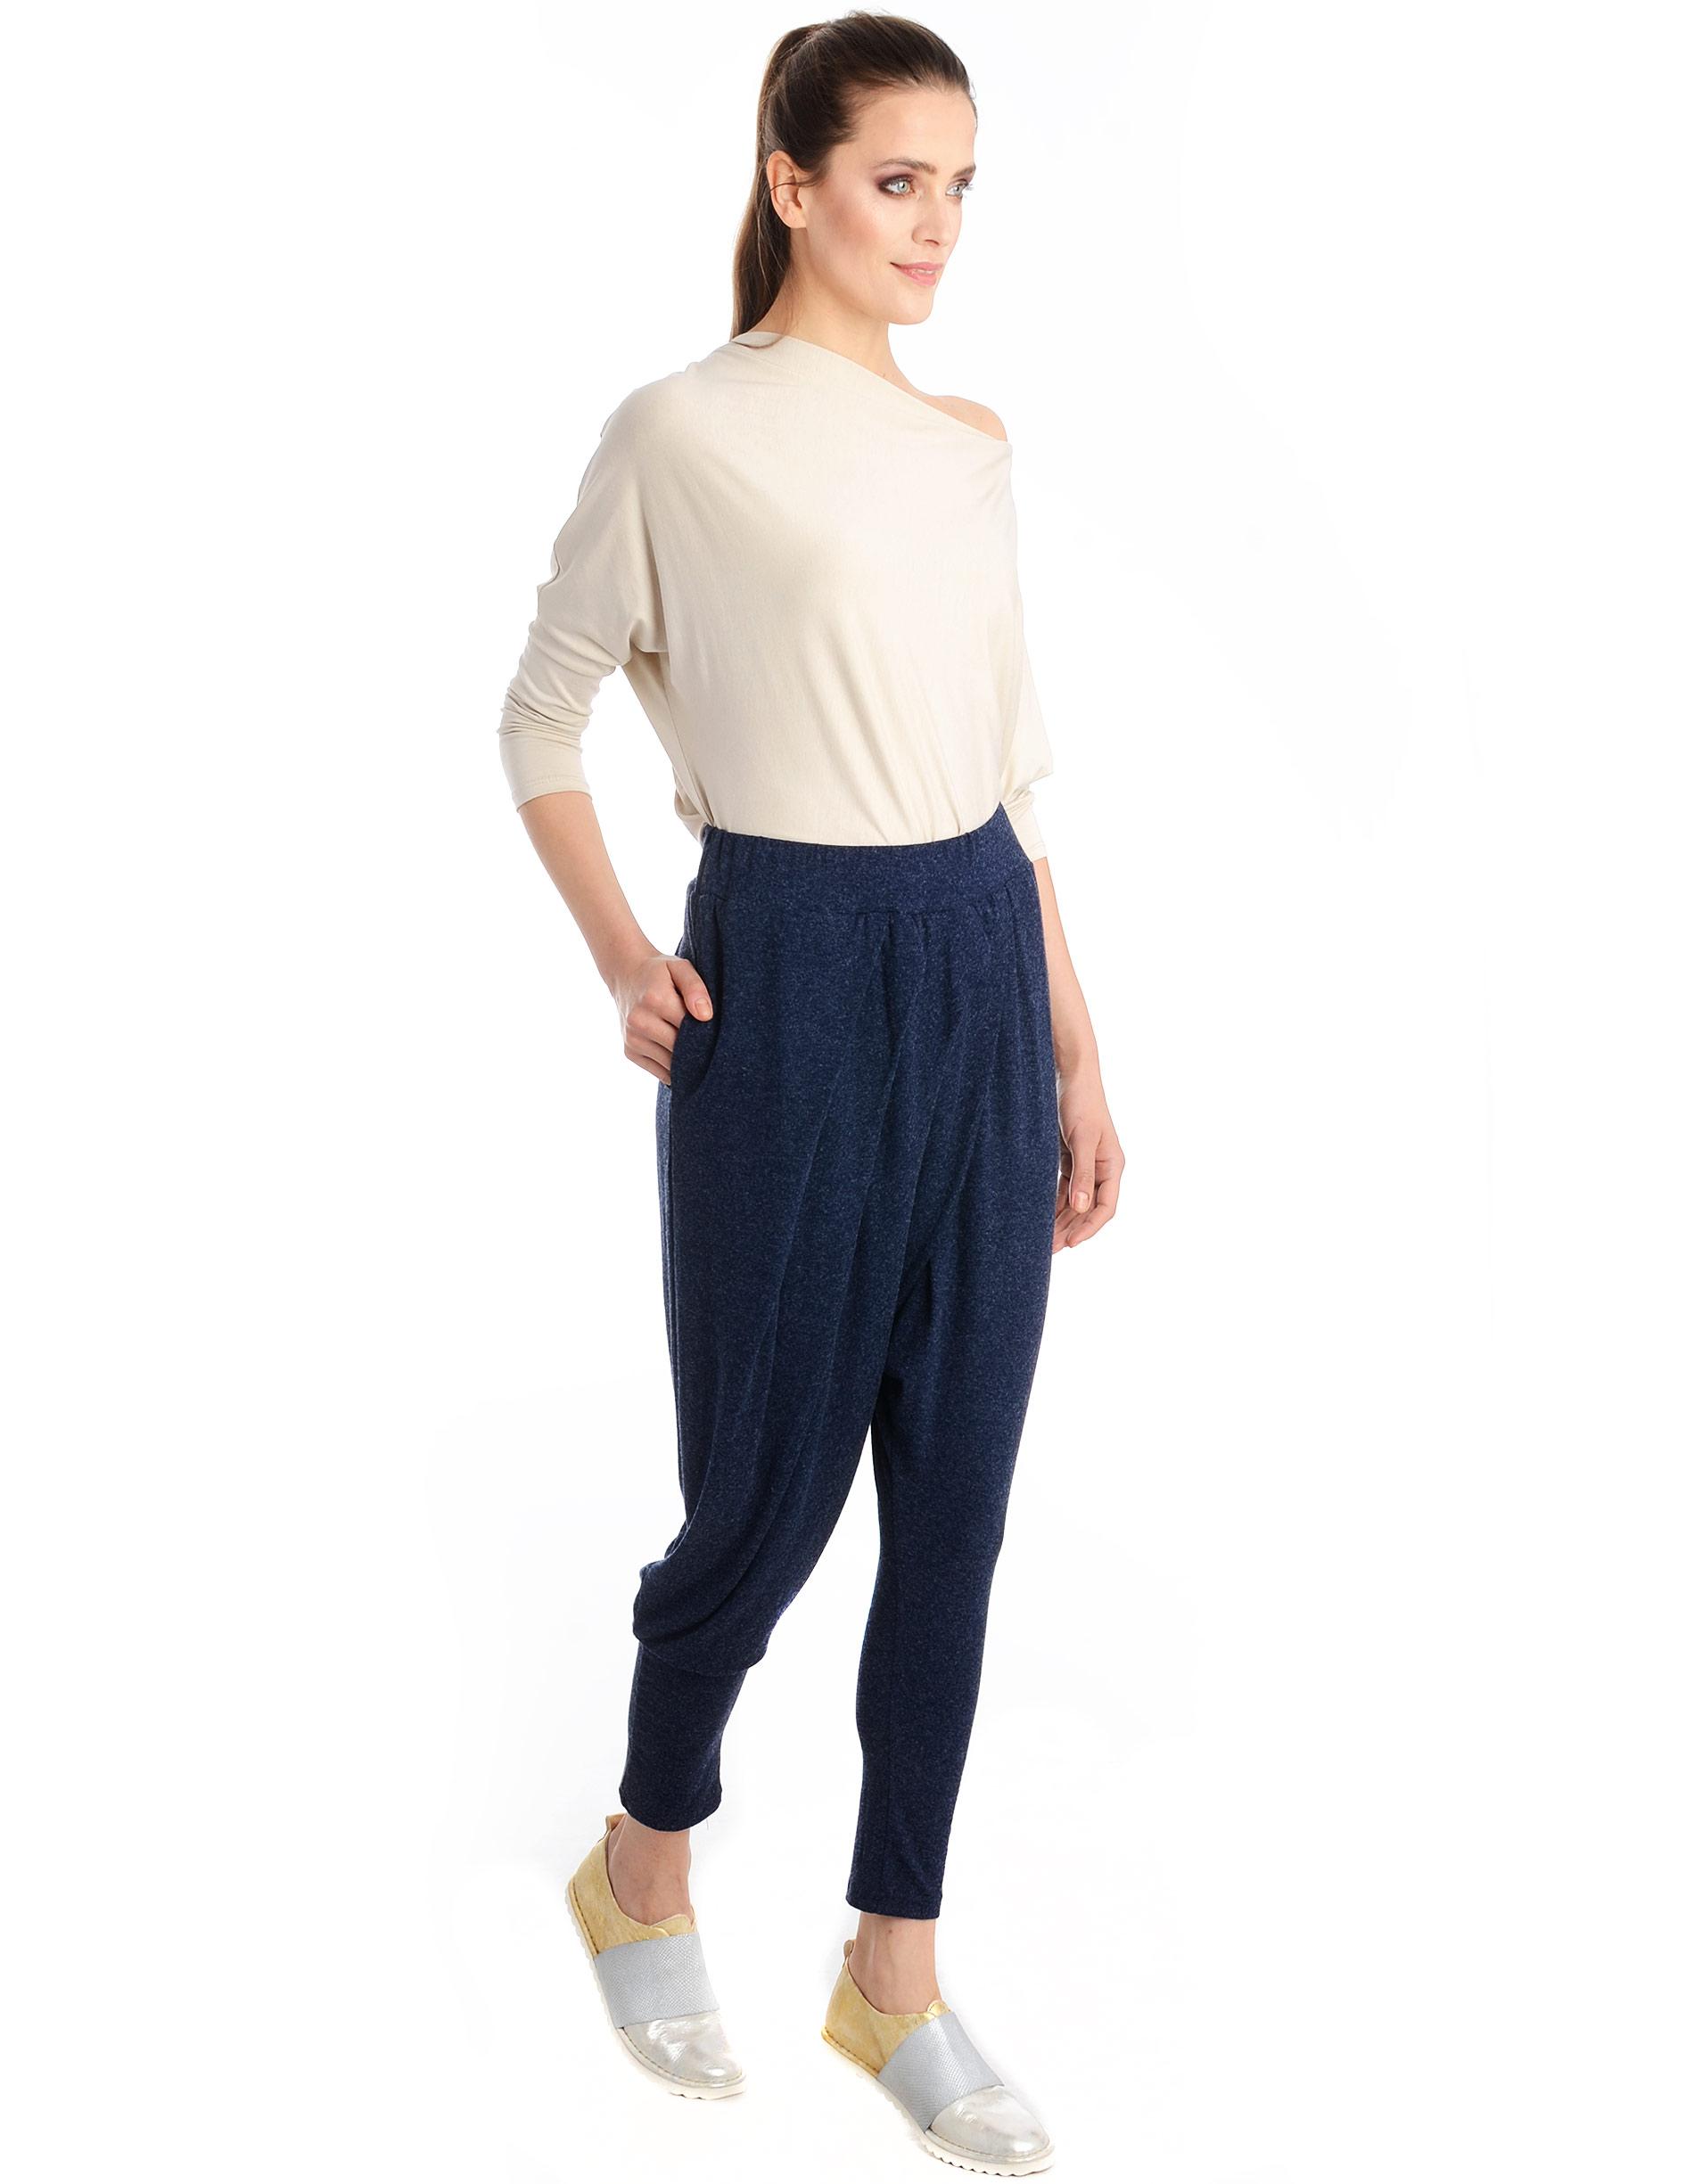 Spodnie - 30-66047 BLSC - Unisono